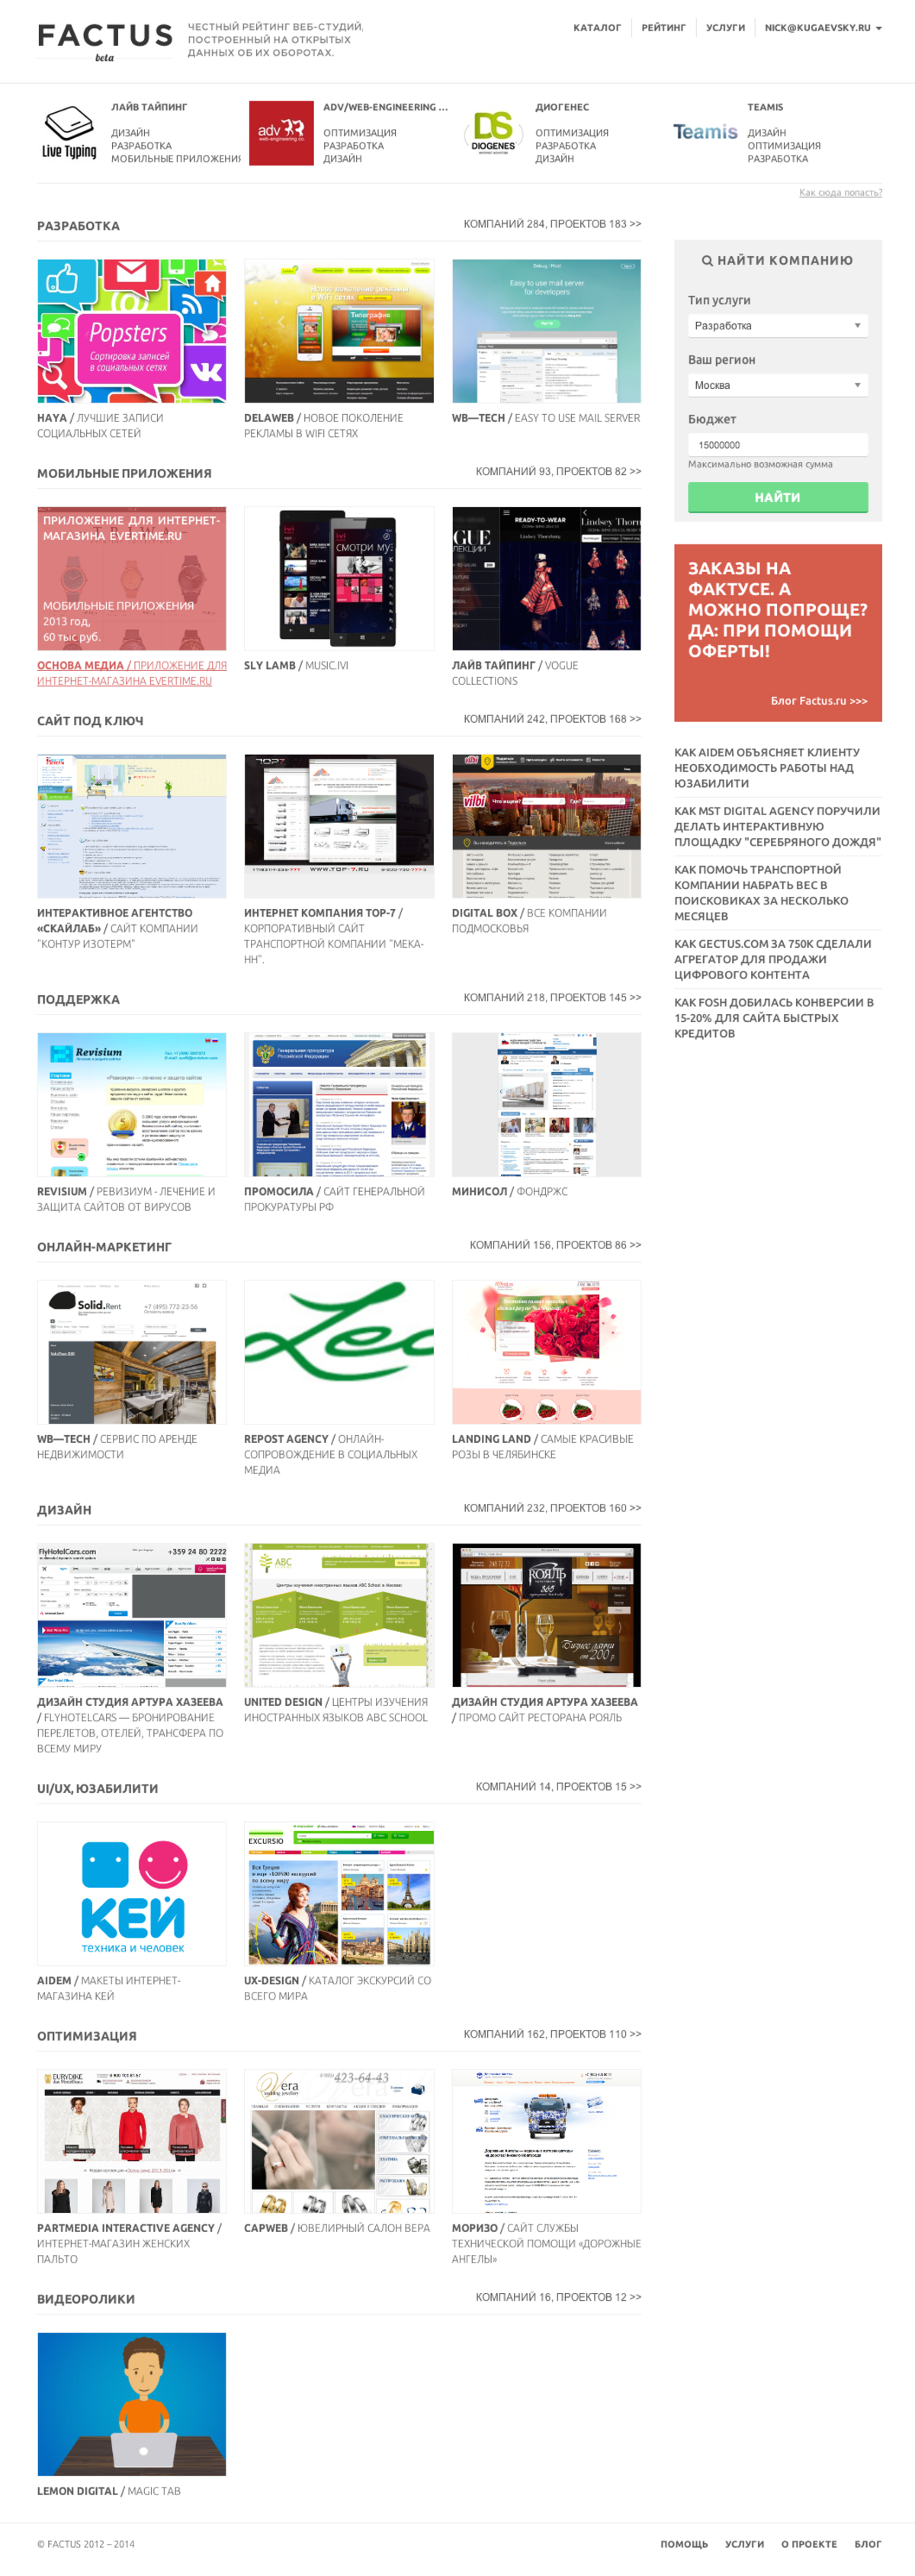 Фактус → рейтинг и каталог студий рунета / Проект компании Dudes.io